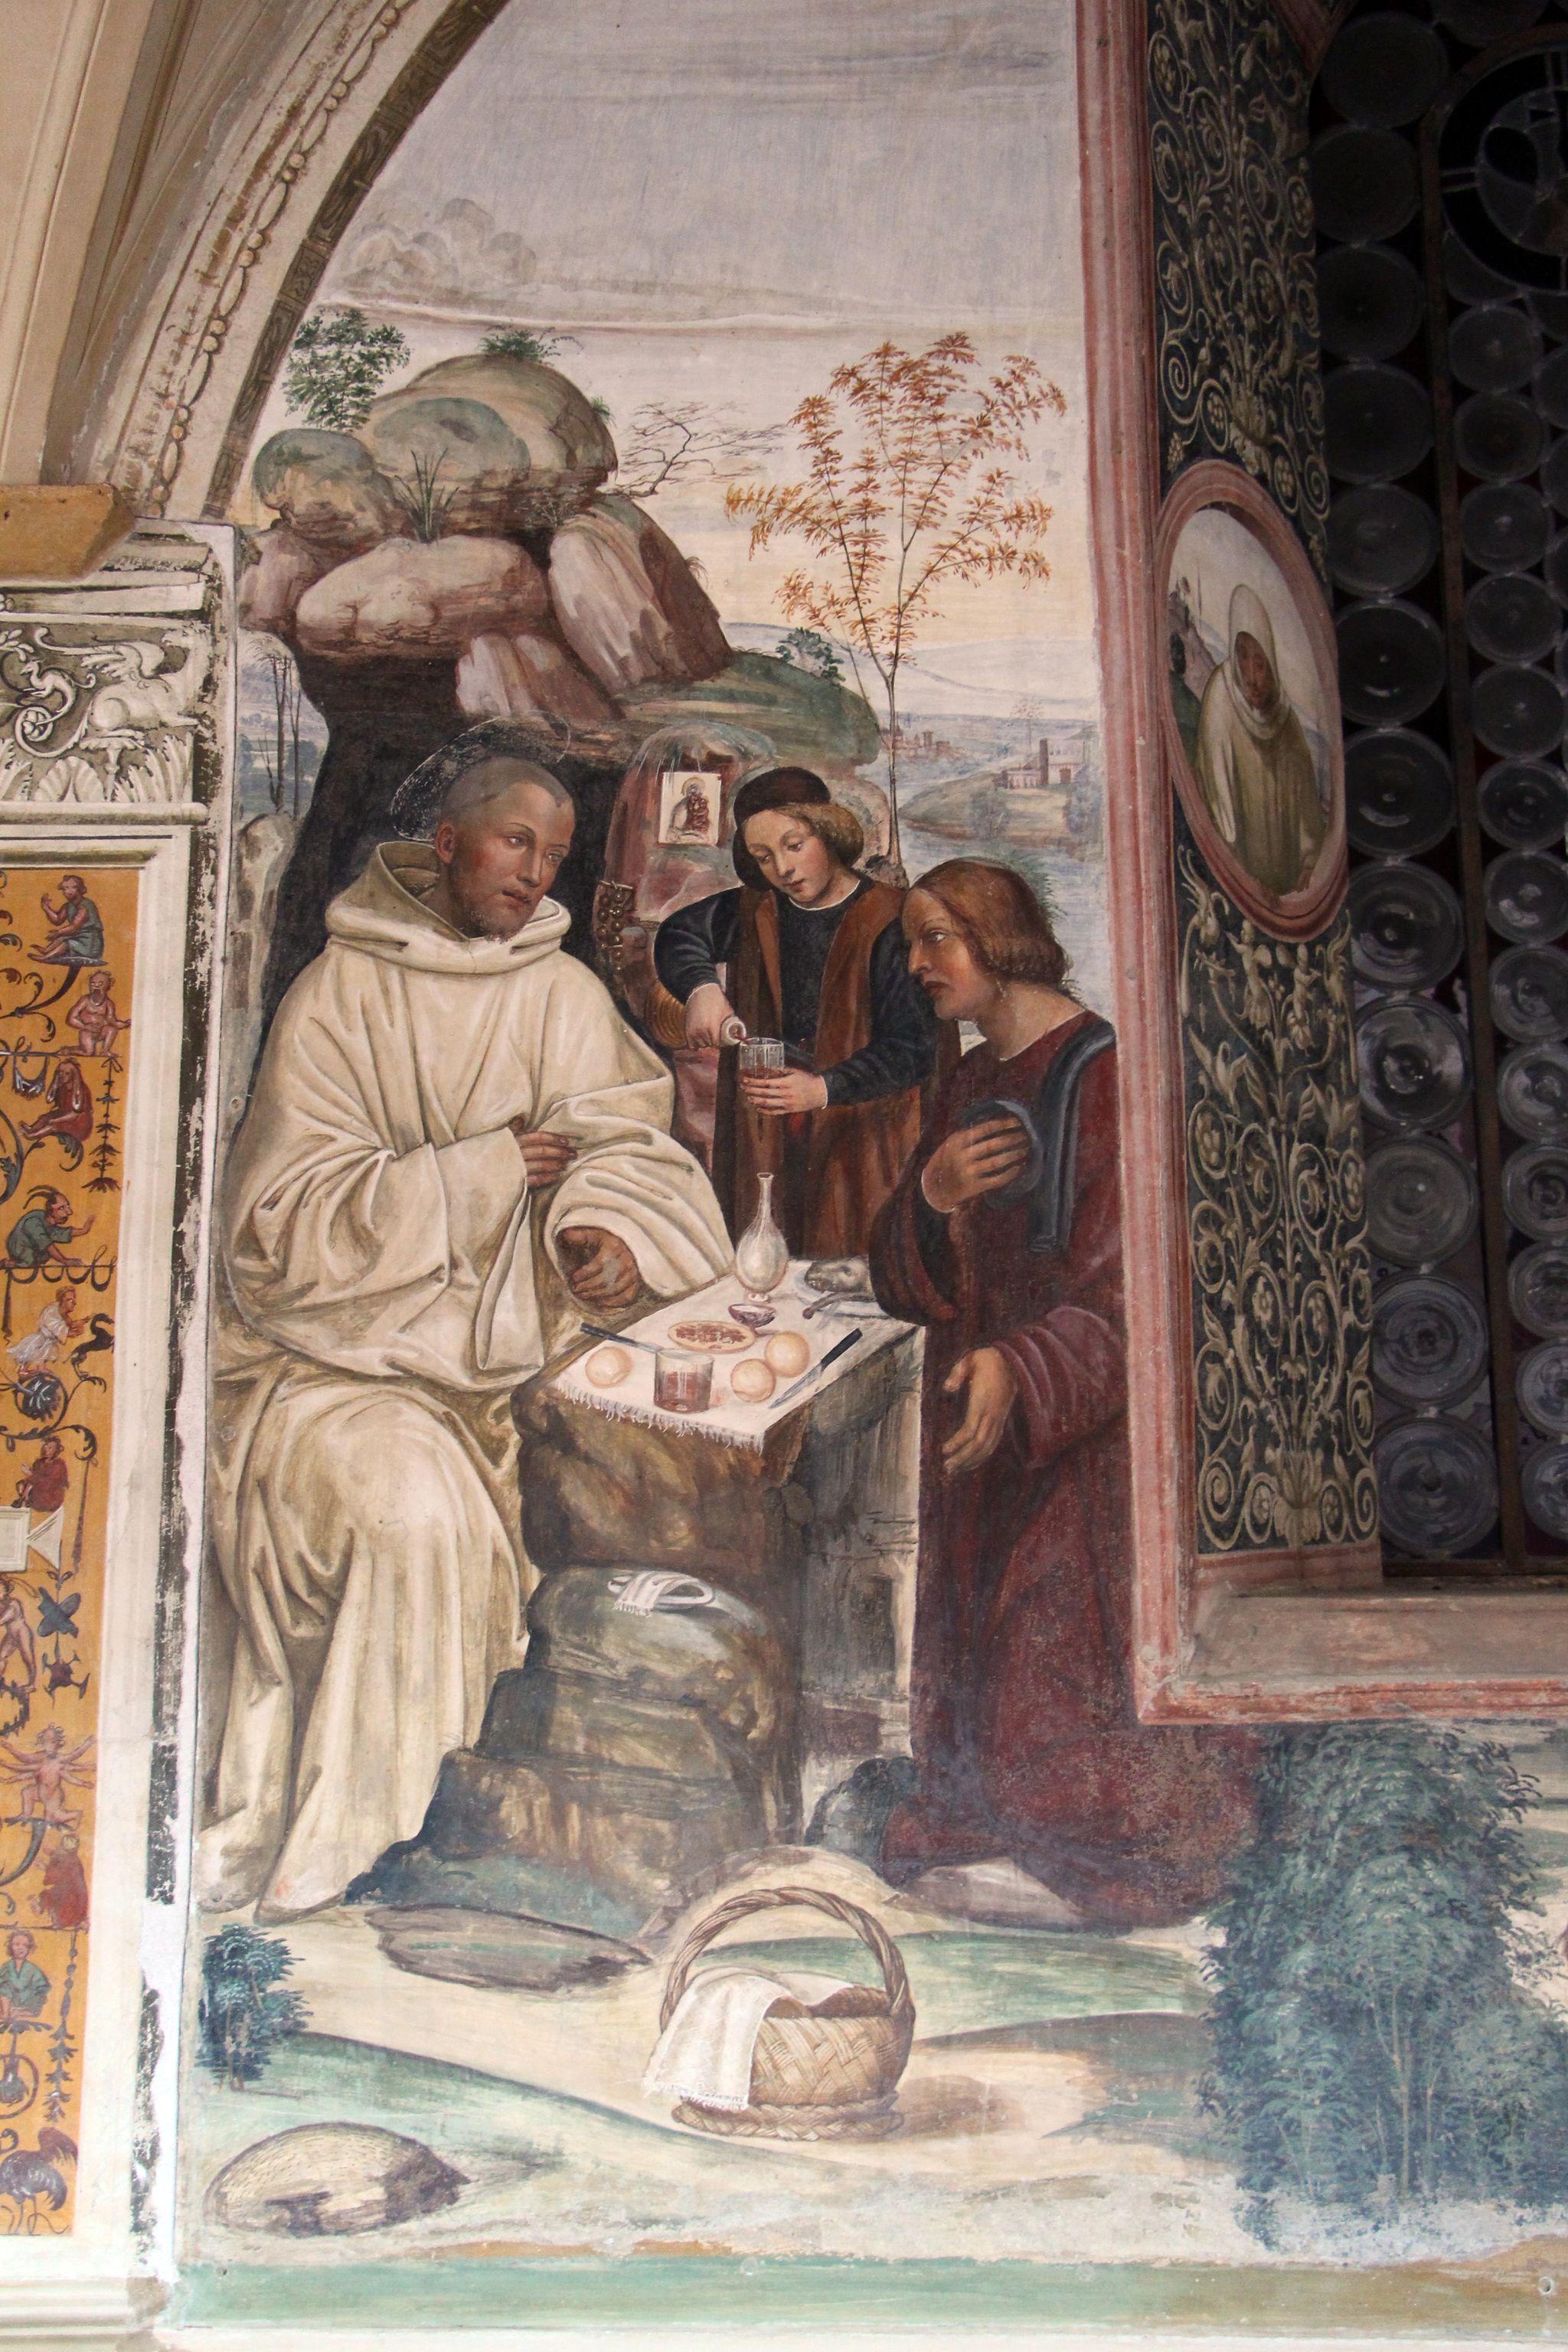 Storie di s. benedetto, 06 sodoma - Come uno prete ispirato da dio porta da mangiare a Benedetto nel giorno di pasqua 02